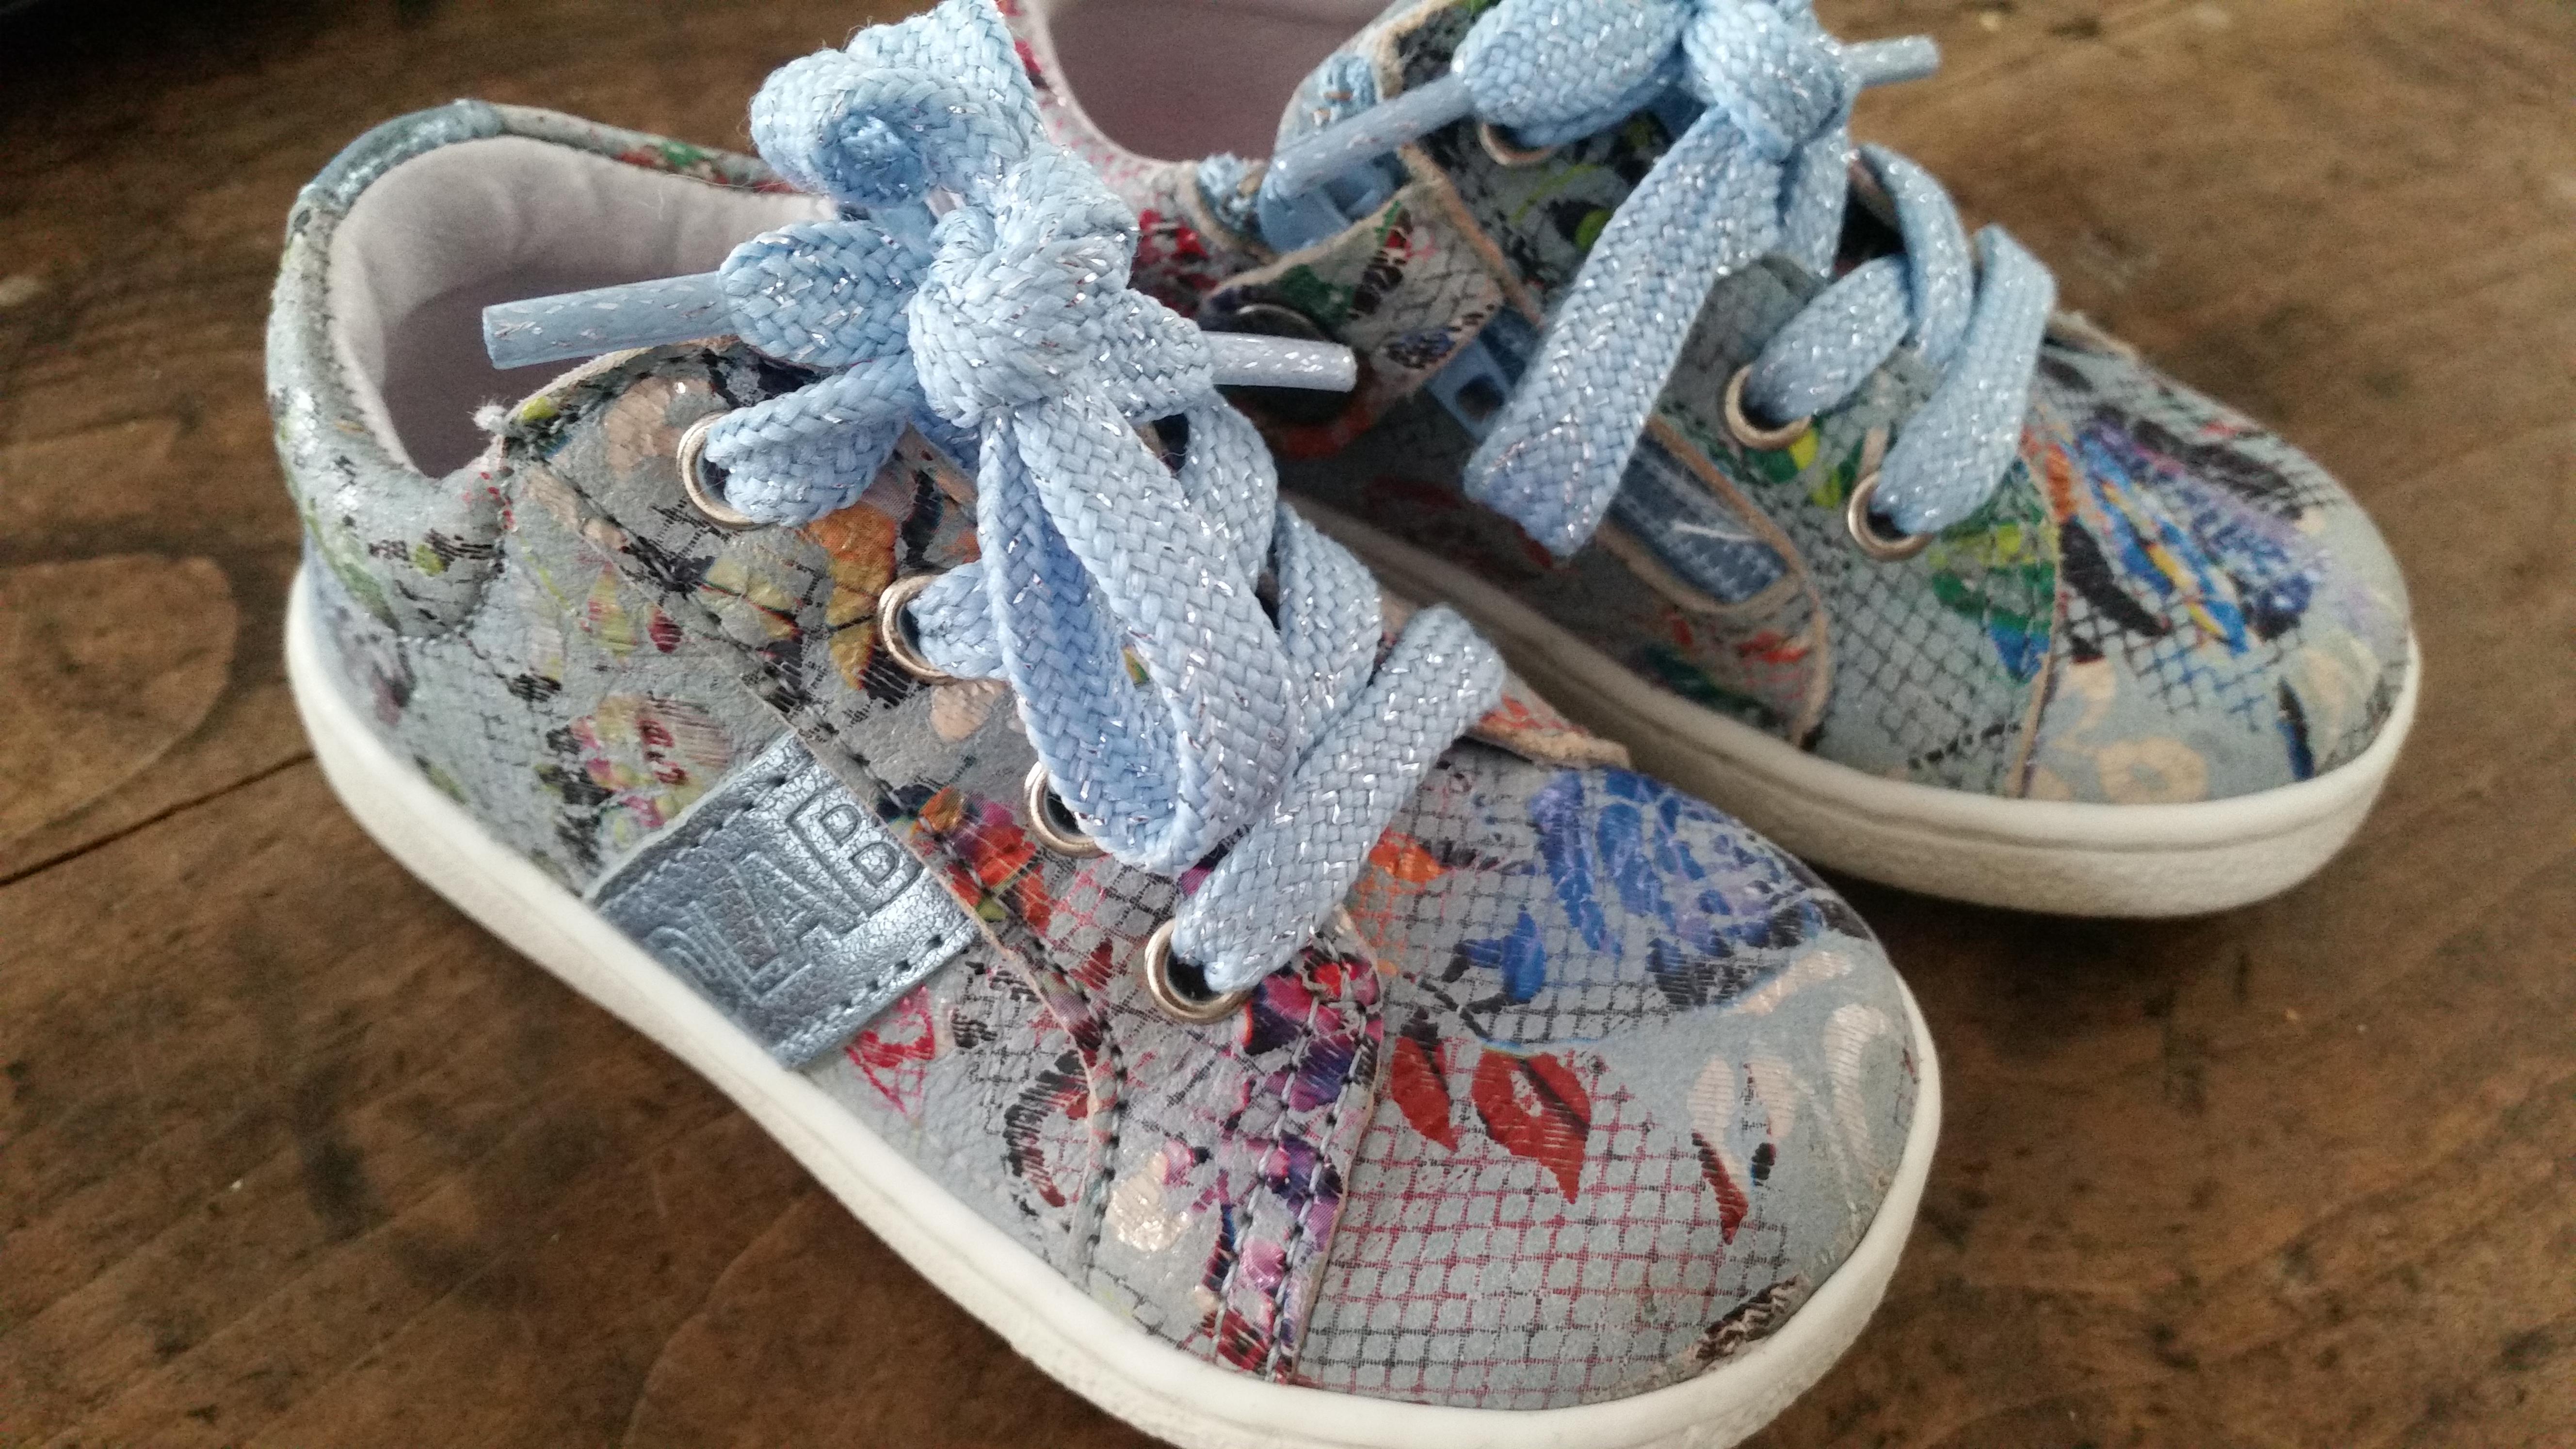 5-16-smalle-voeten-tips-devalab-shoesme-twins-schoenen-kinderen-baby-veters-rits-sluiting-eerste-schoentjes-tip-maat-leeftijd-platte-harde-zolen-wanneer-schuin